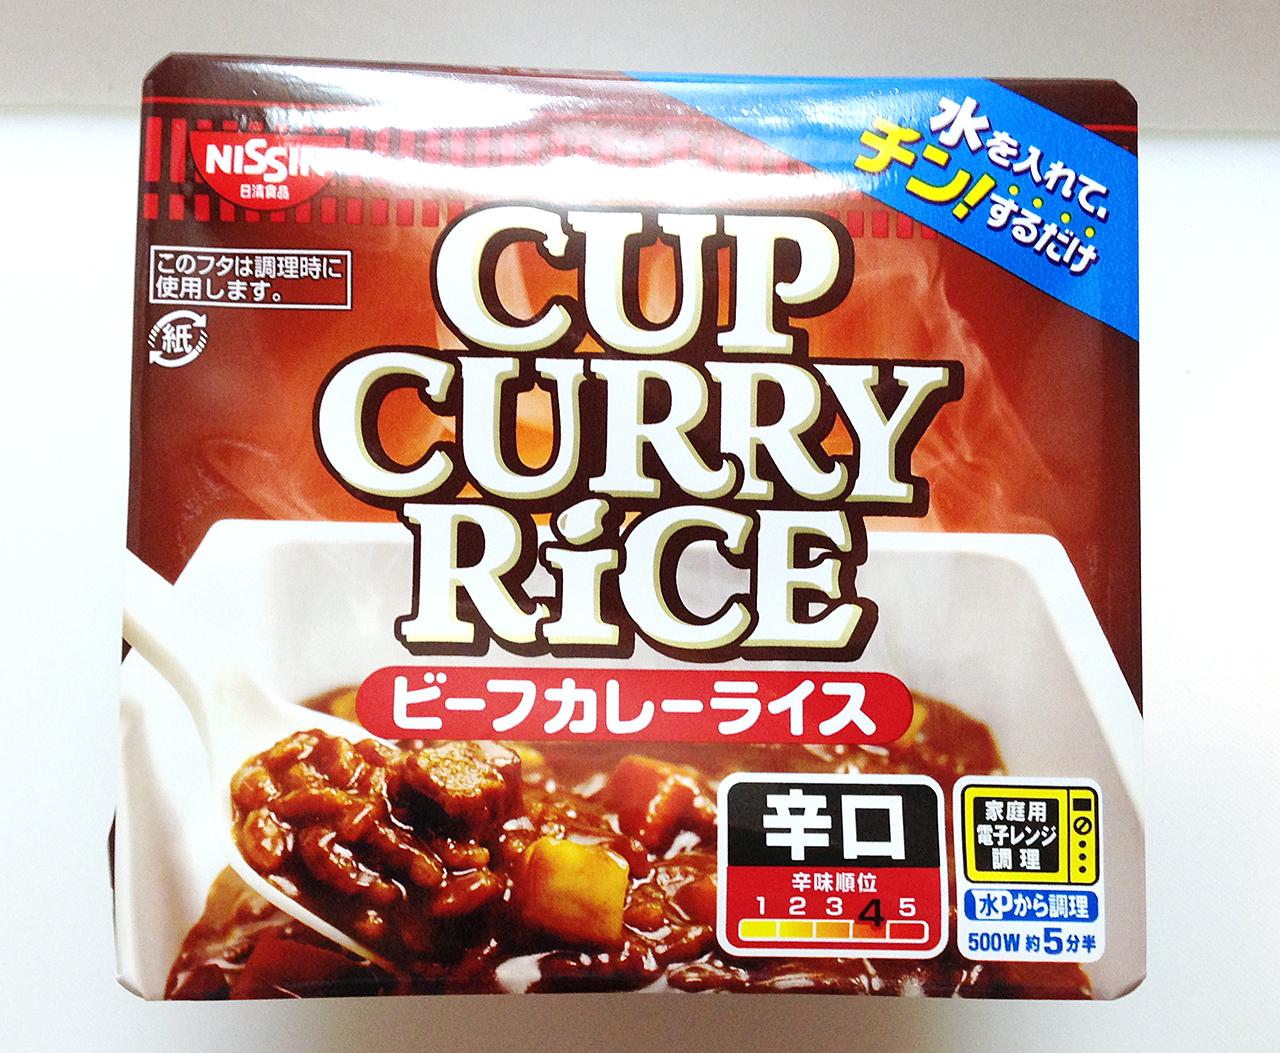 【新製品】レンジでチンするカレー 日清 CUP CURRY RICEを買ってみた。